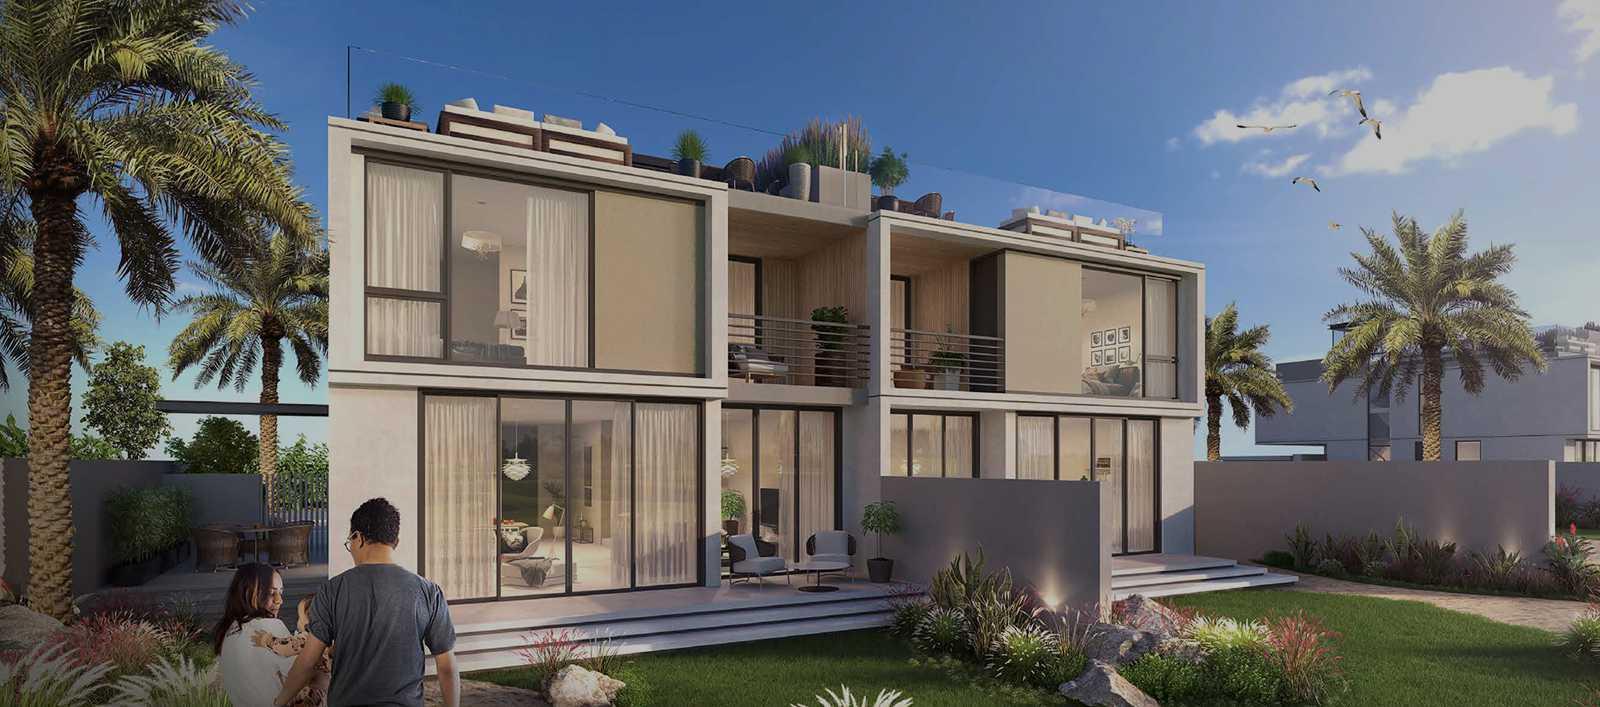 Club Villas Image